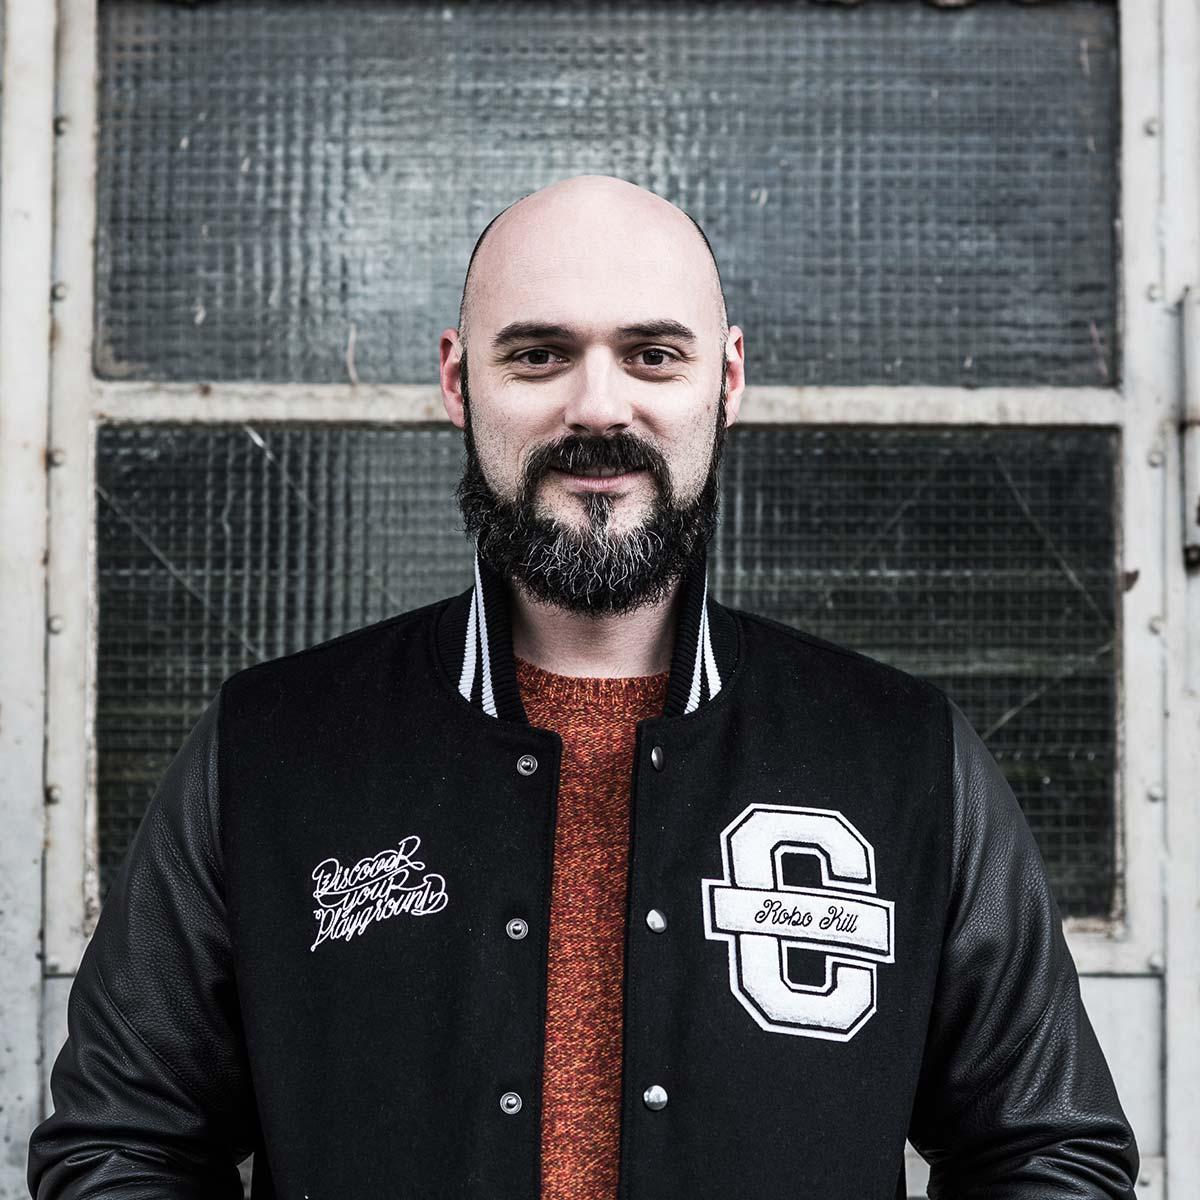 Alexander Hilsky von CROMATICS aus Dresden, Markendesigner und Geschäftsführer der GmbH